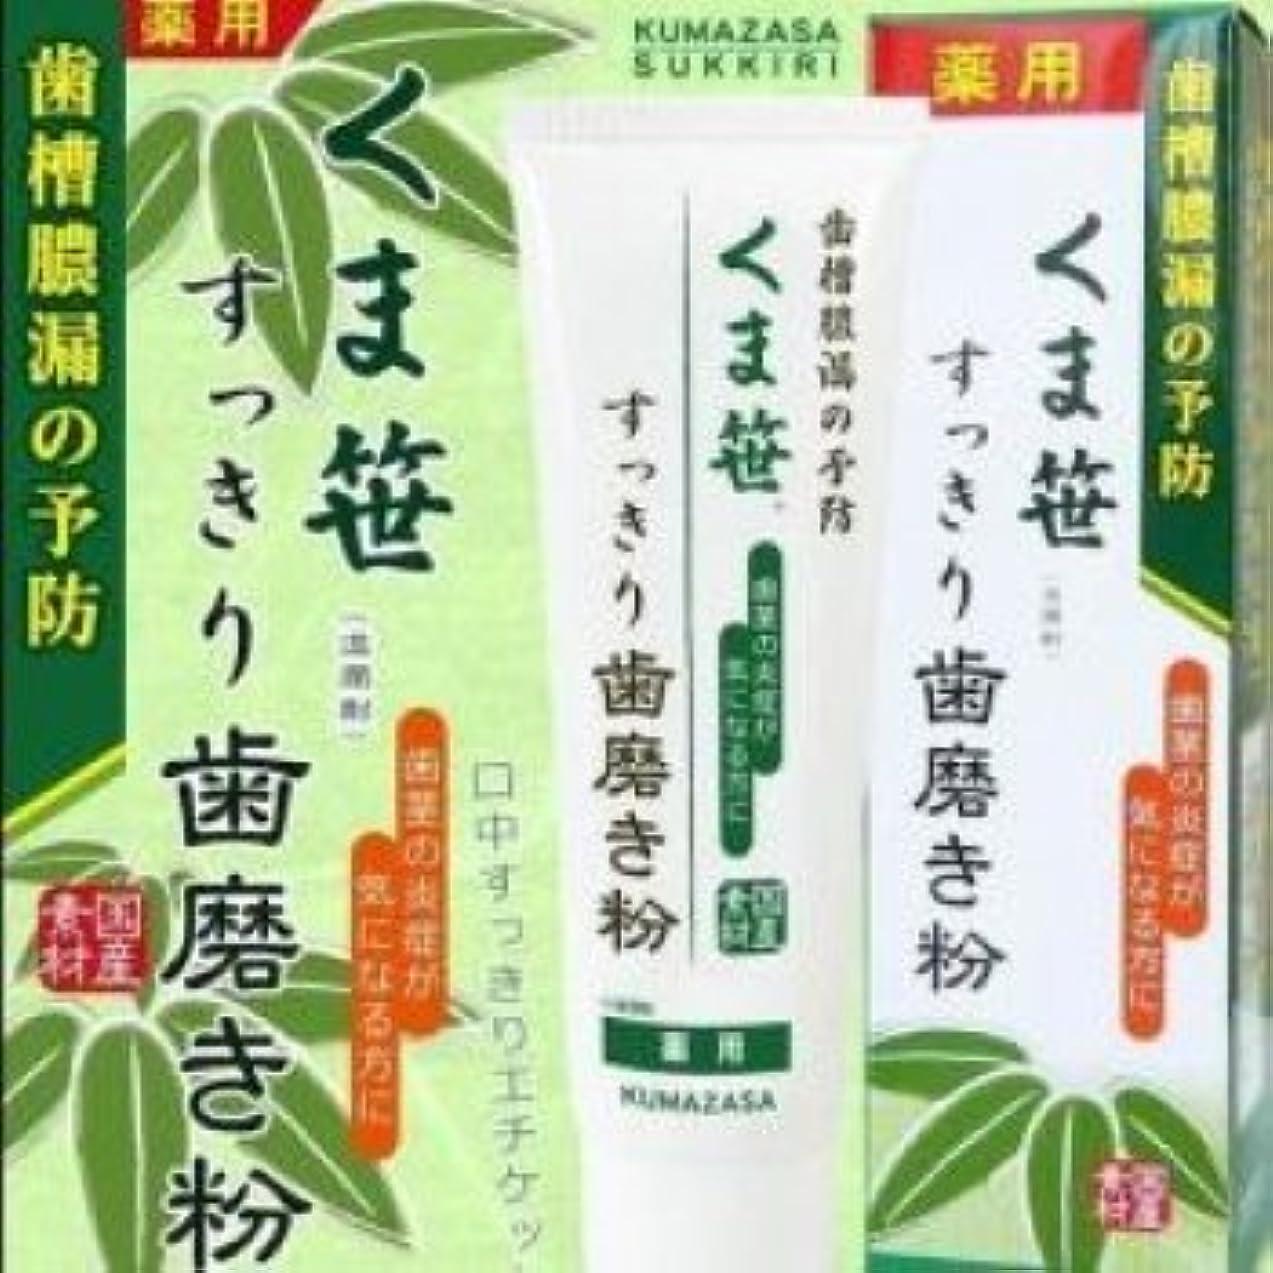 検査クック人工薬用くま笹すっきり歯磨き粉